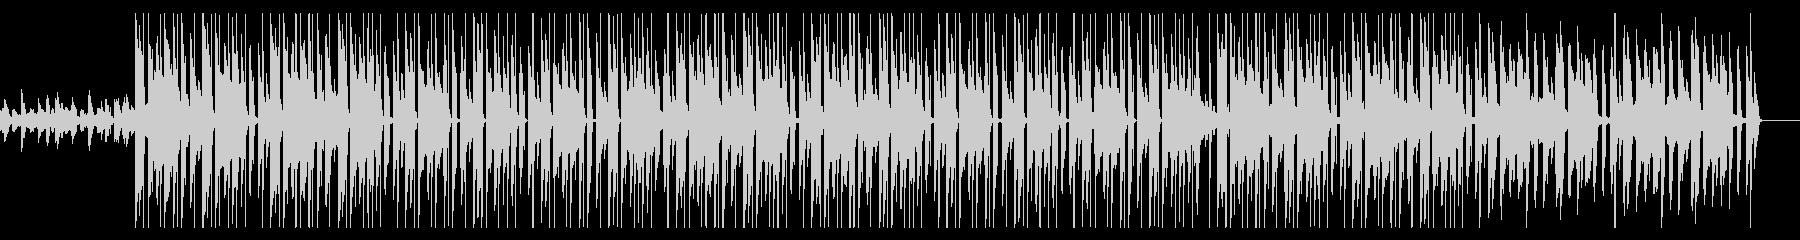 勉強用 穏やかなチルヒップホップ効果音無の未再生の波形